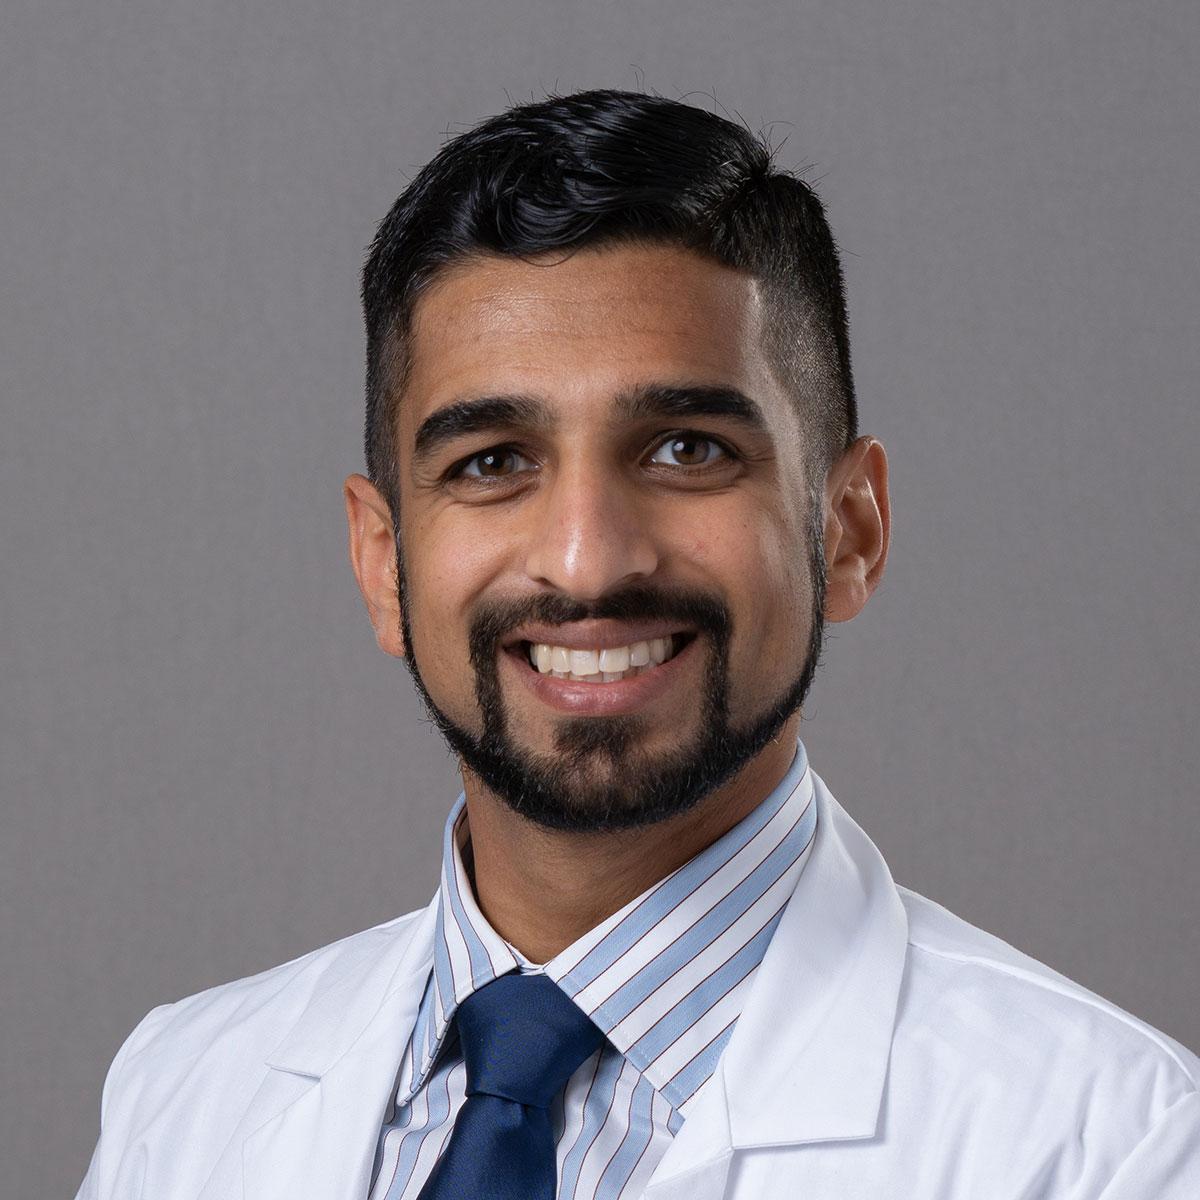 A friendly headshot of Dr. Faraz Ahmed